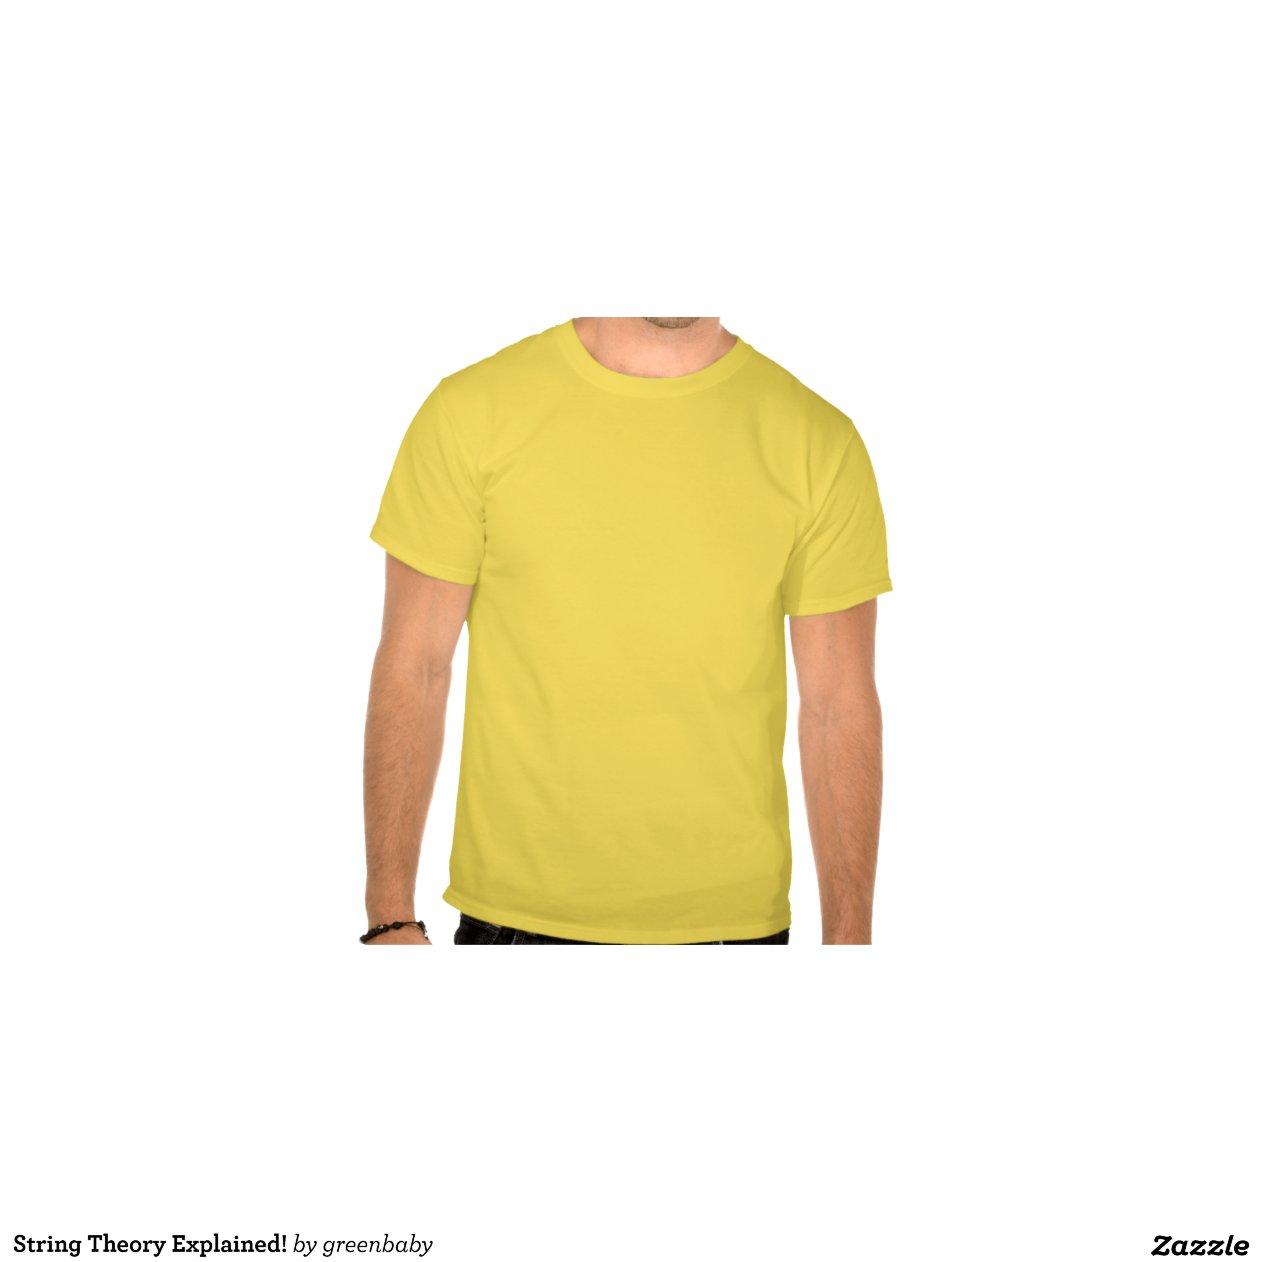 String Theory Explained Zazzle